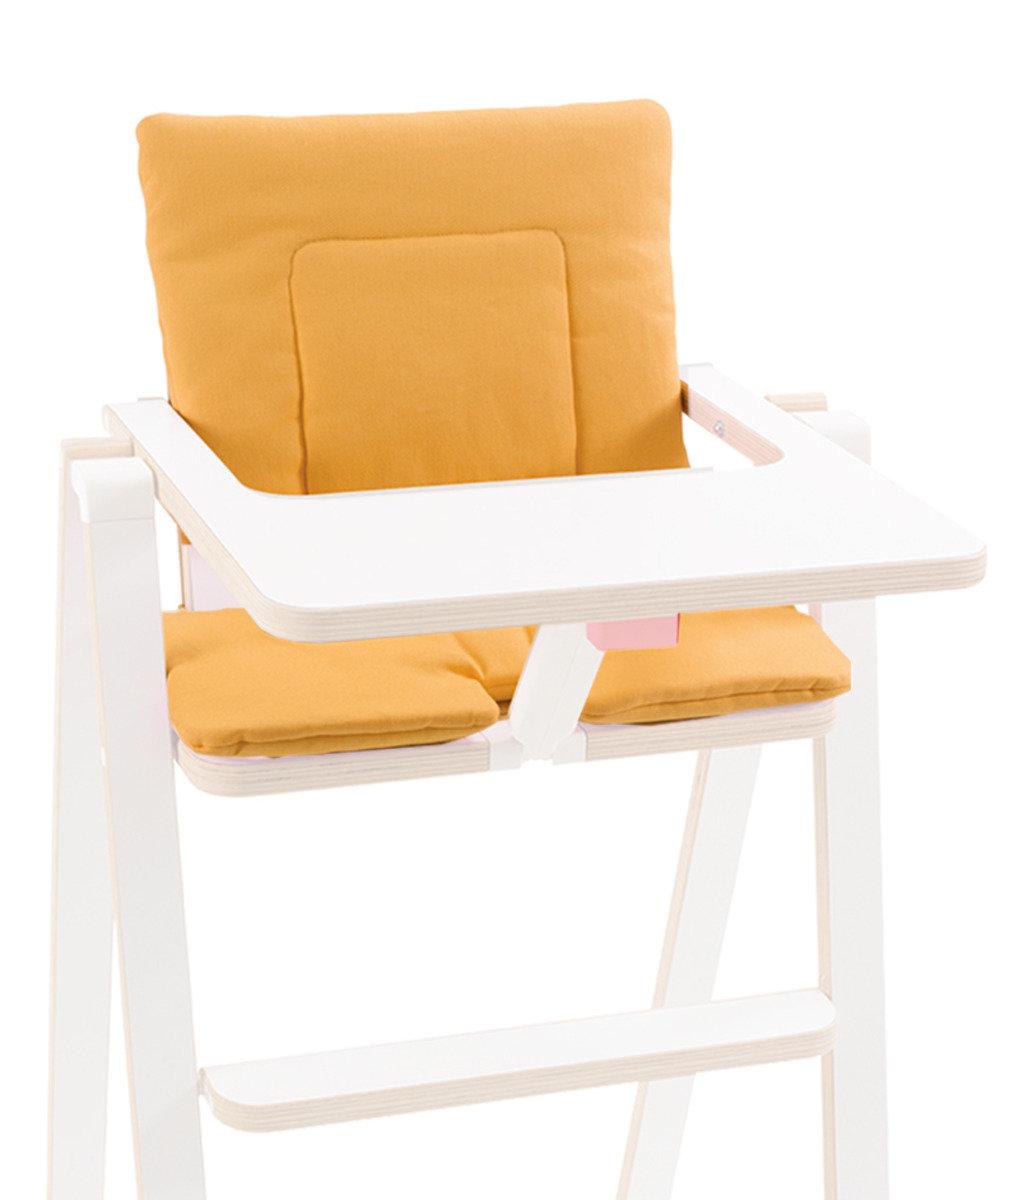 奧地利 SUPAflat 坐墊 - 檸檬黃